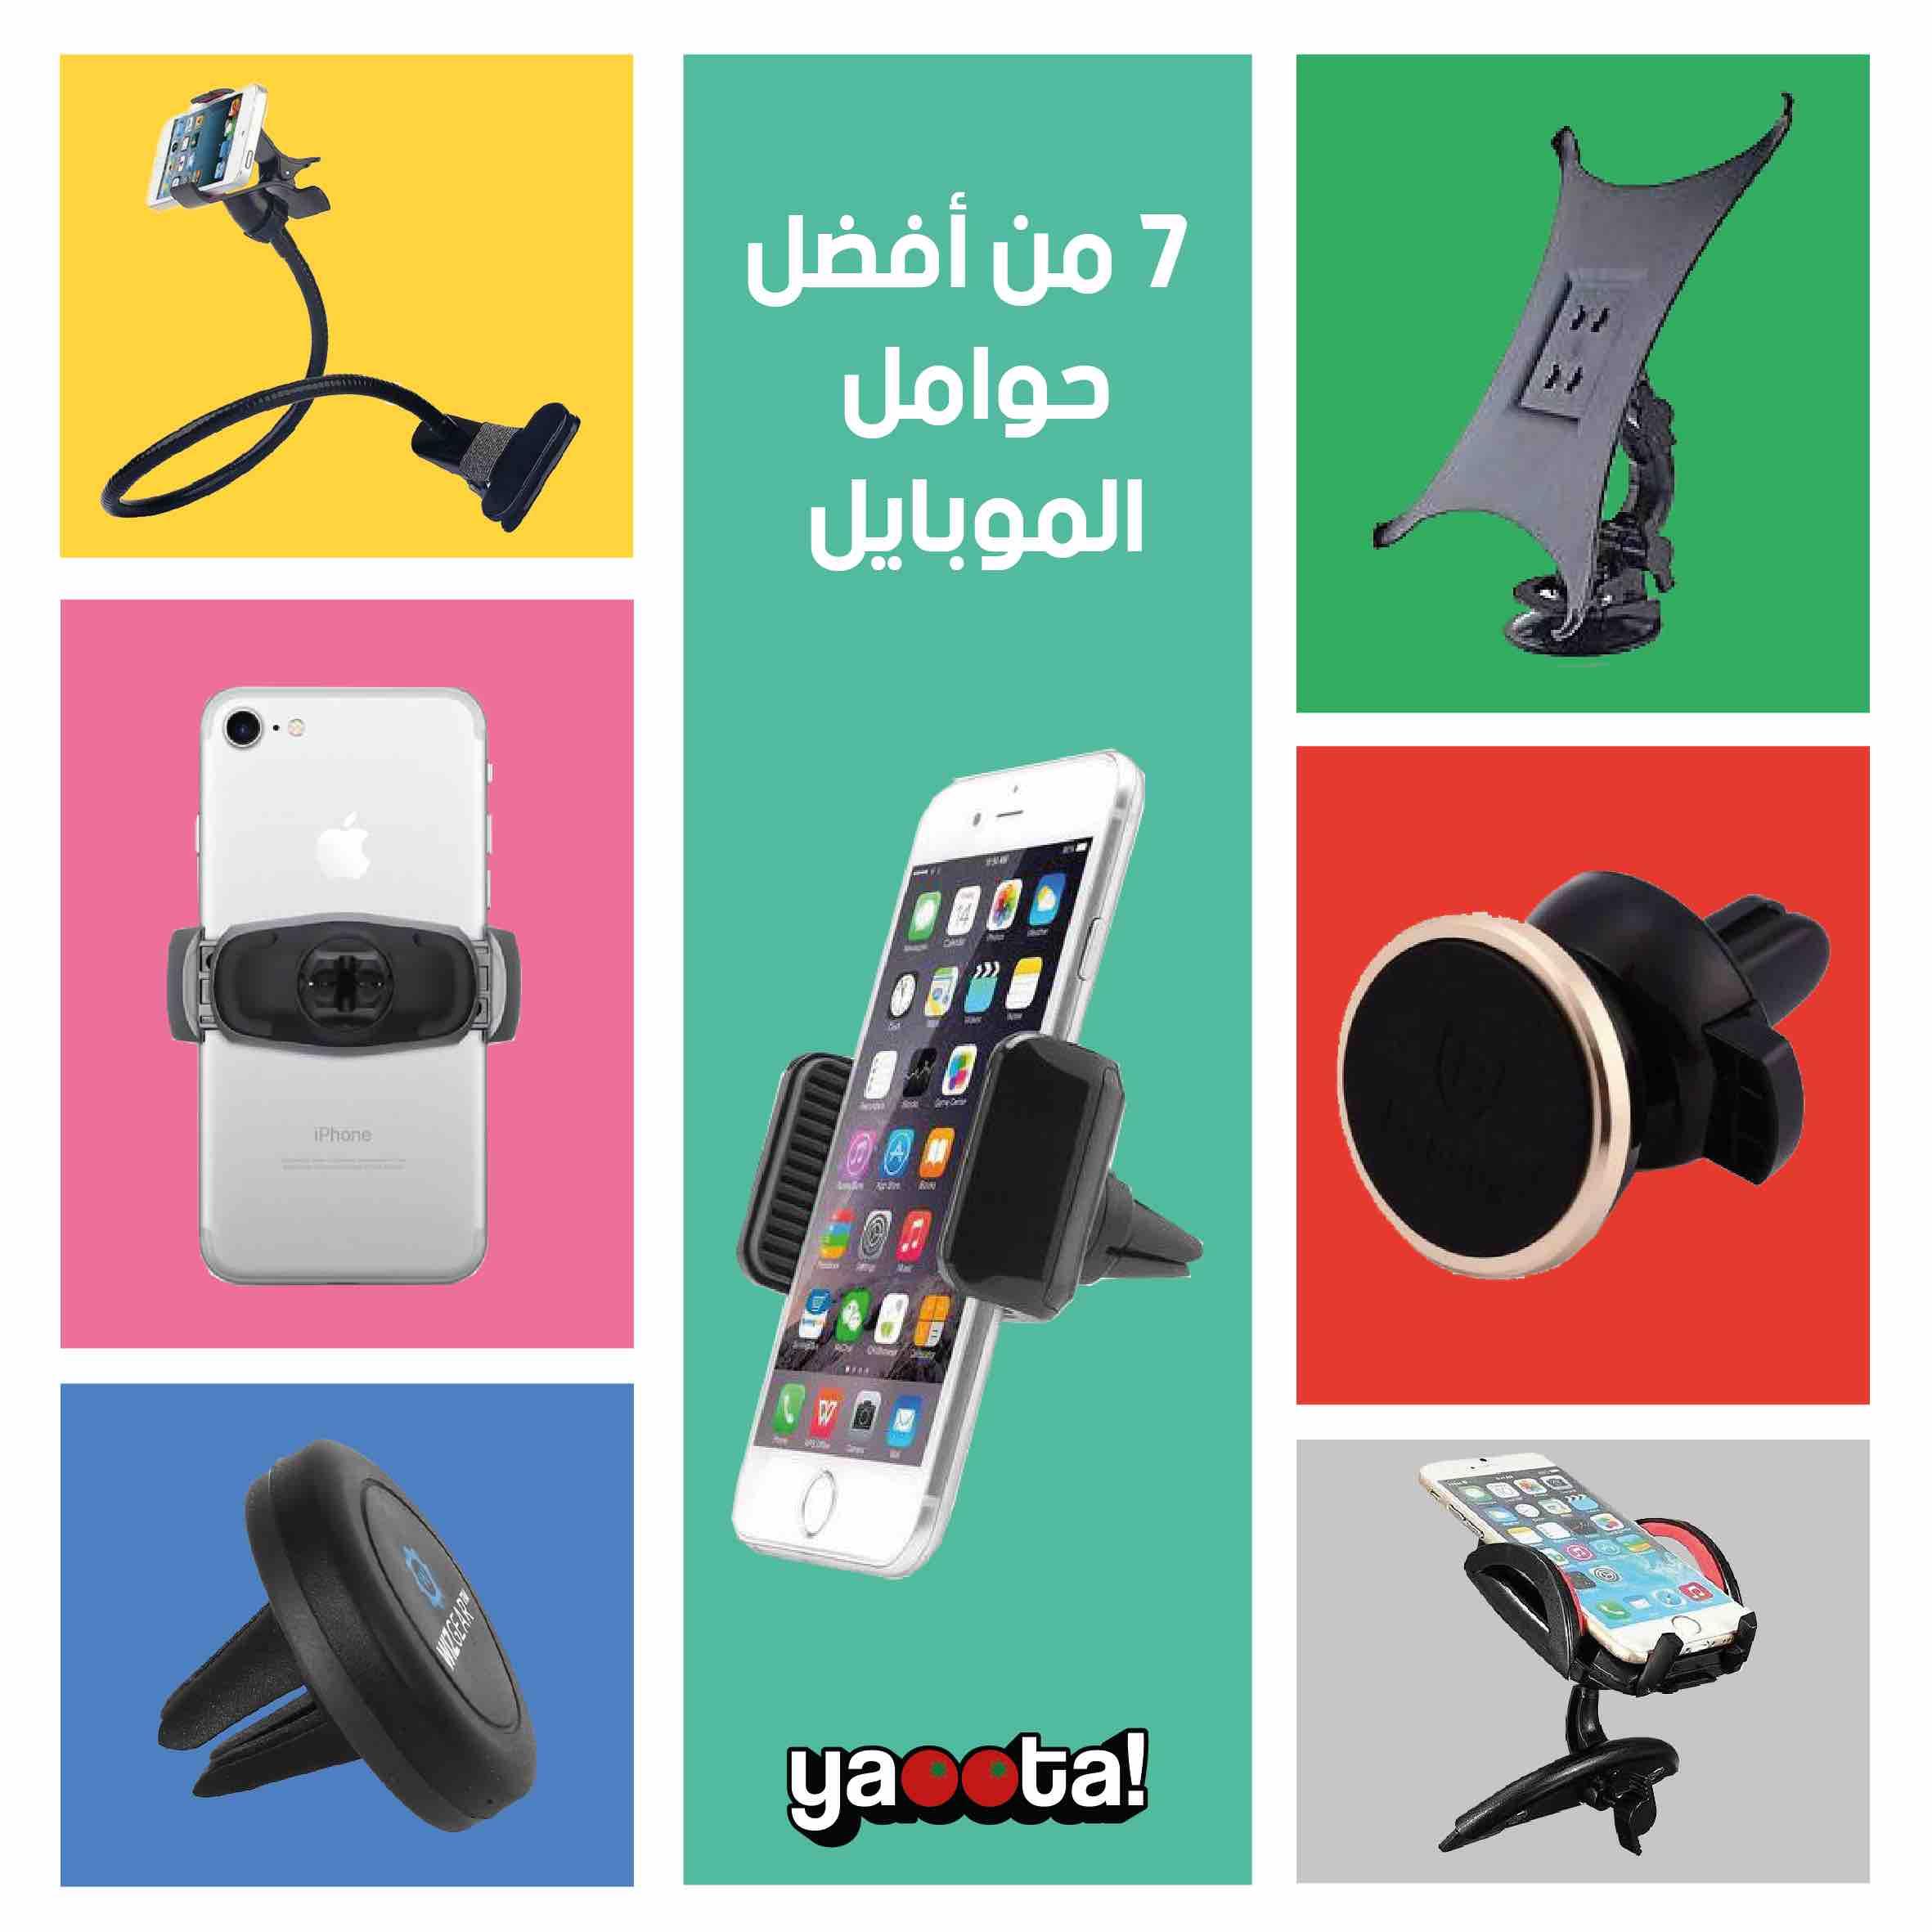 مميزات وعيوب و سعر ٧ من أفضل حوامل الموبايل للعربية